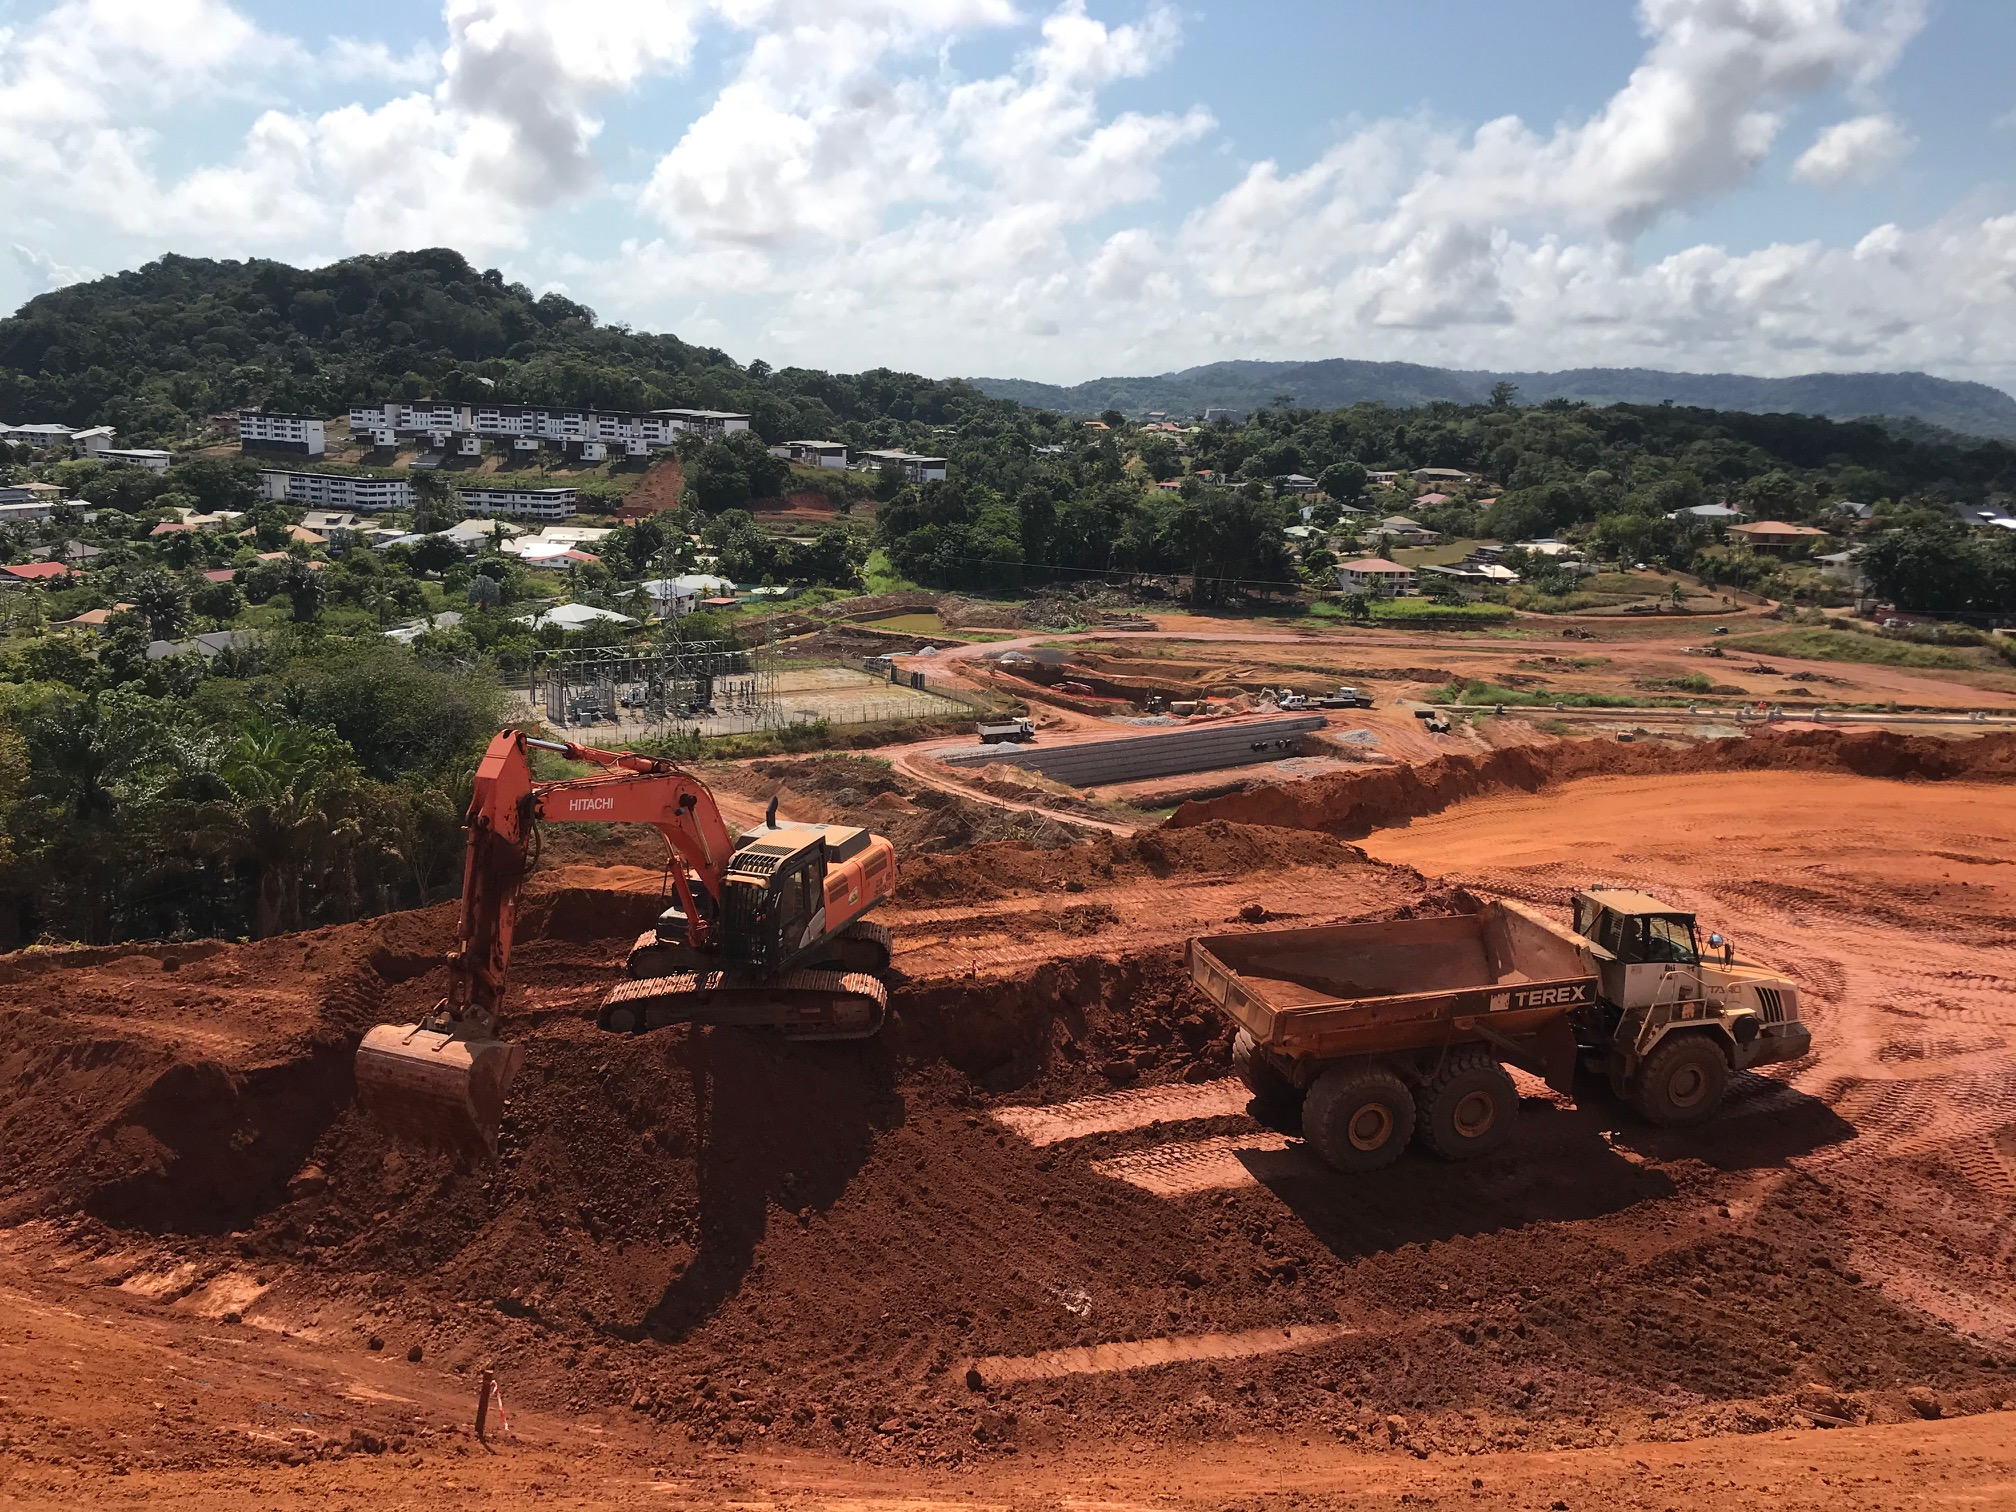 Guyane : L'écoquartier Palika, vers un modèle d'écoquartier amazonien durable à Cayenne